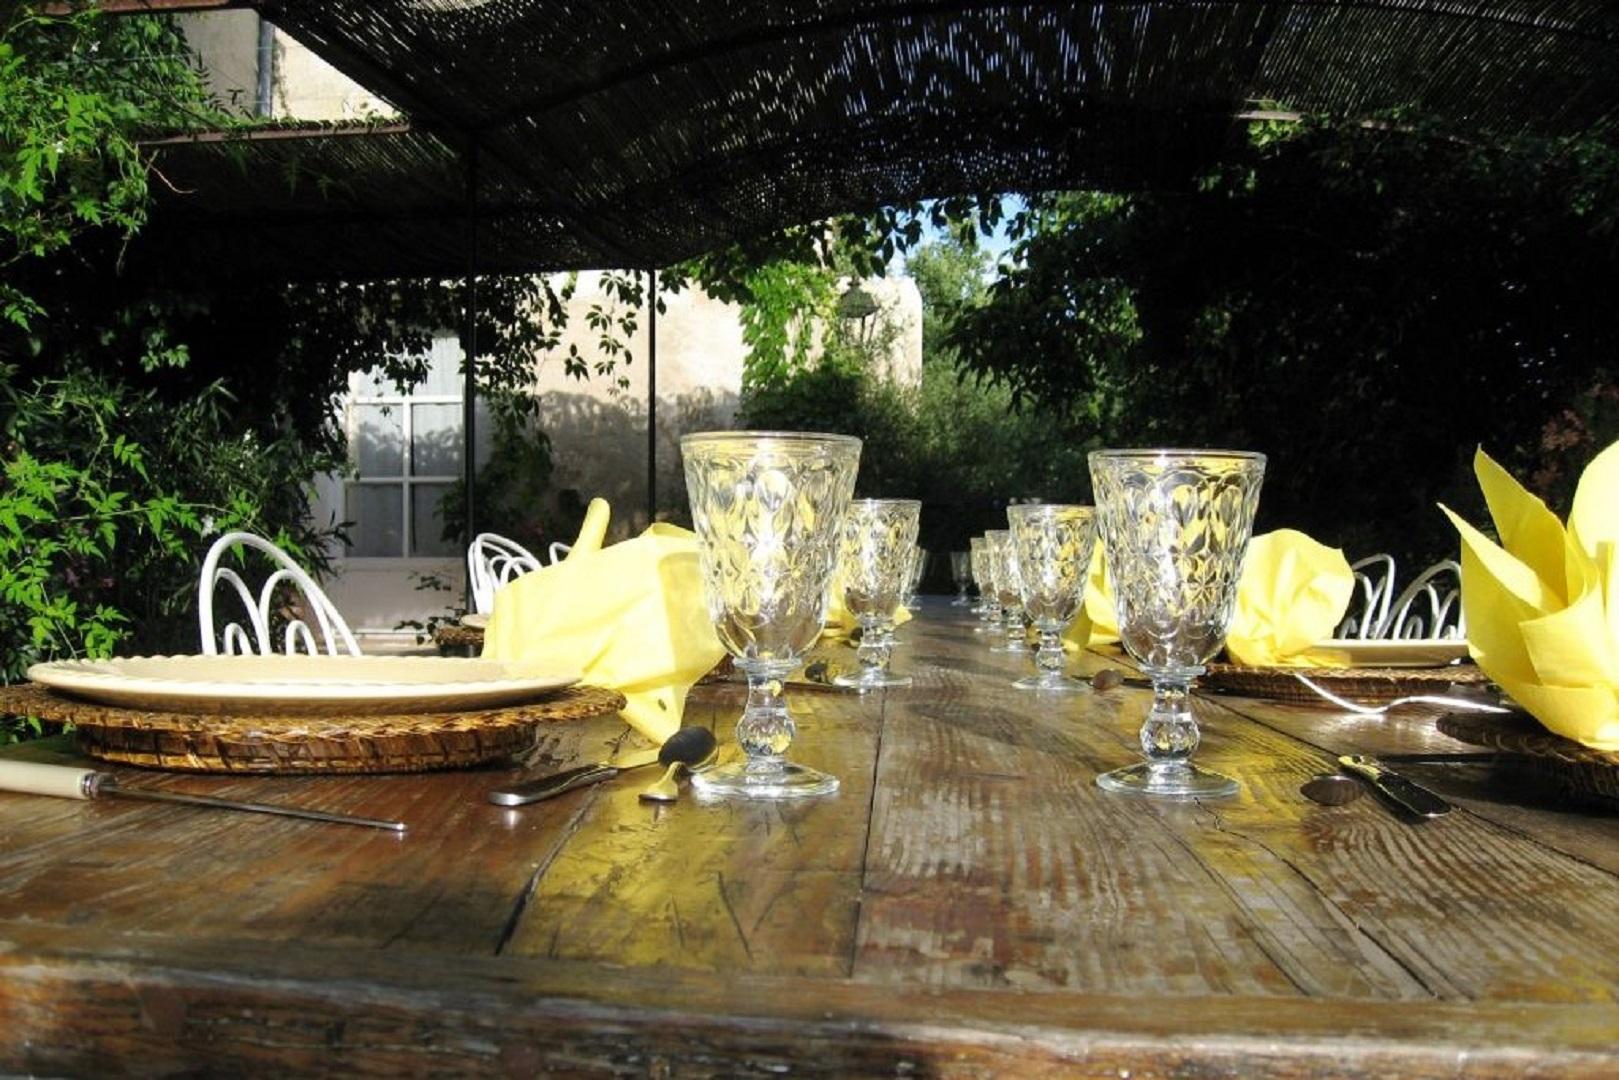 A glass vase on a table at Le Relais d'Elle.